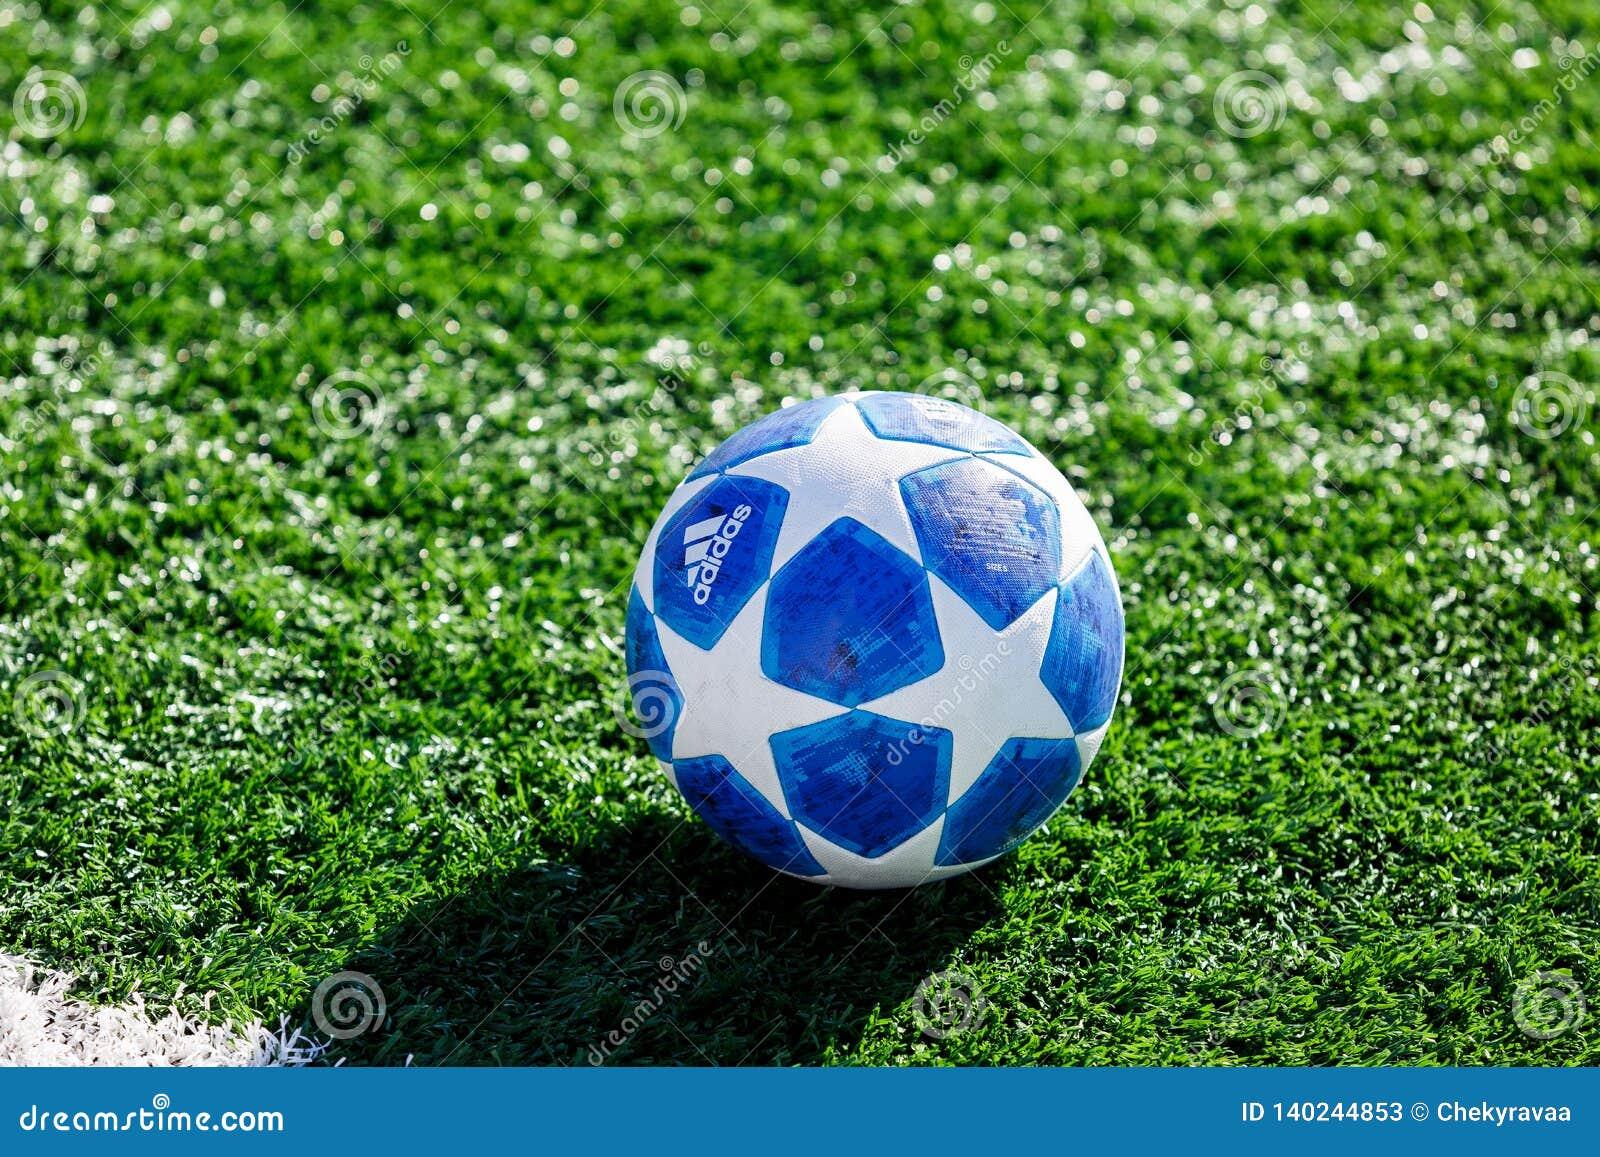 Officiell matchboll av för Adidas för UEFA Champions Leaguesäsong 2018/19 utbildning för överkant final på gräs